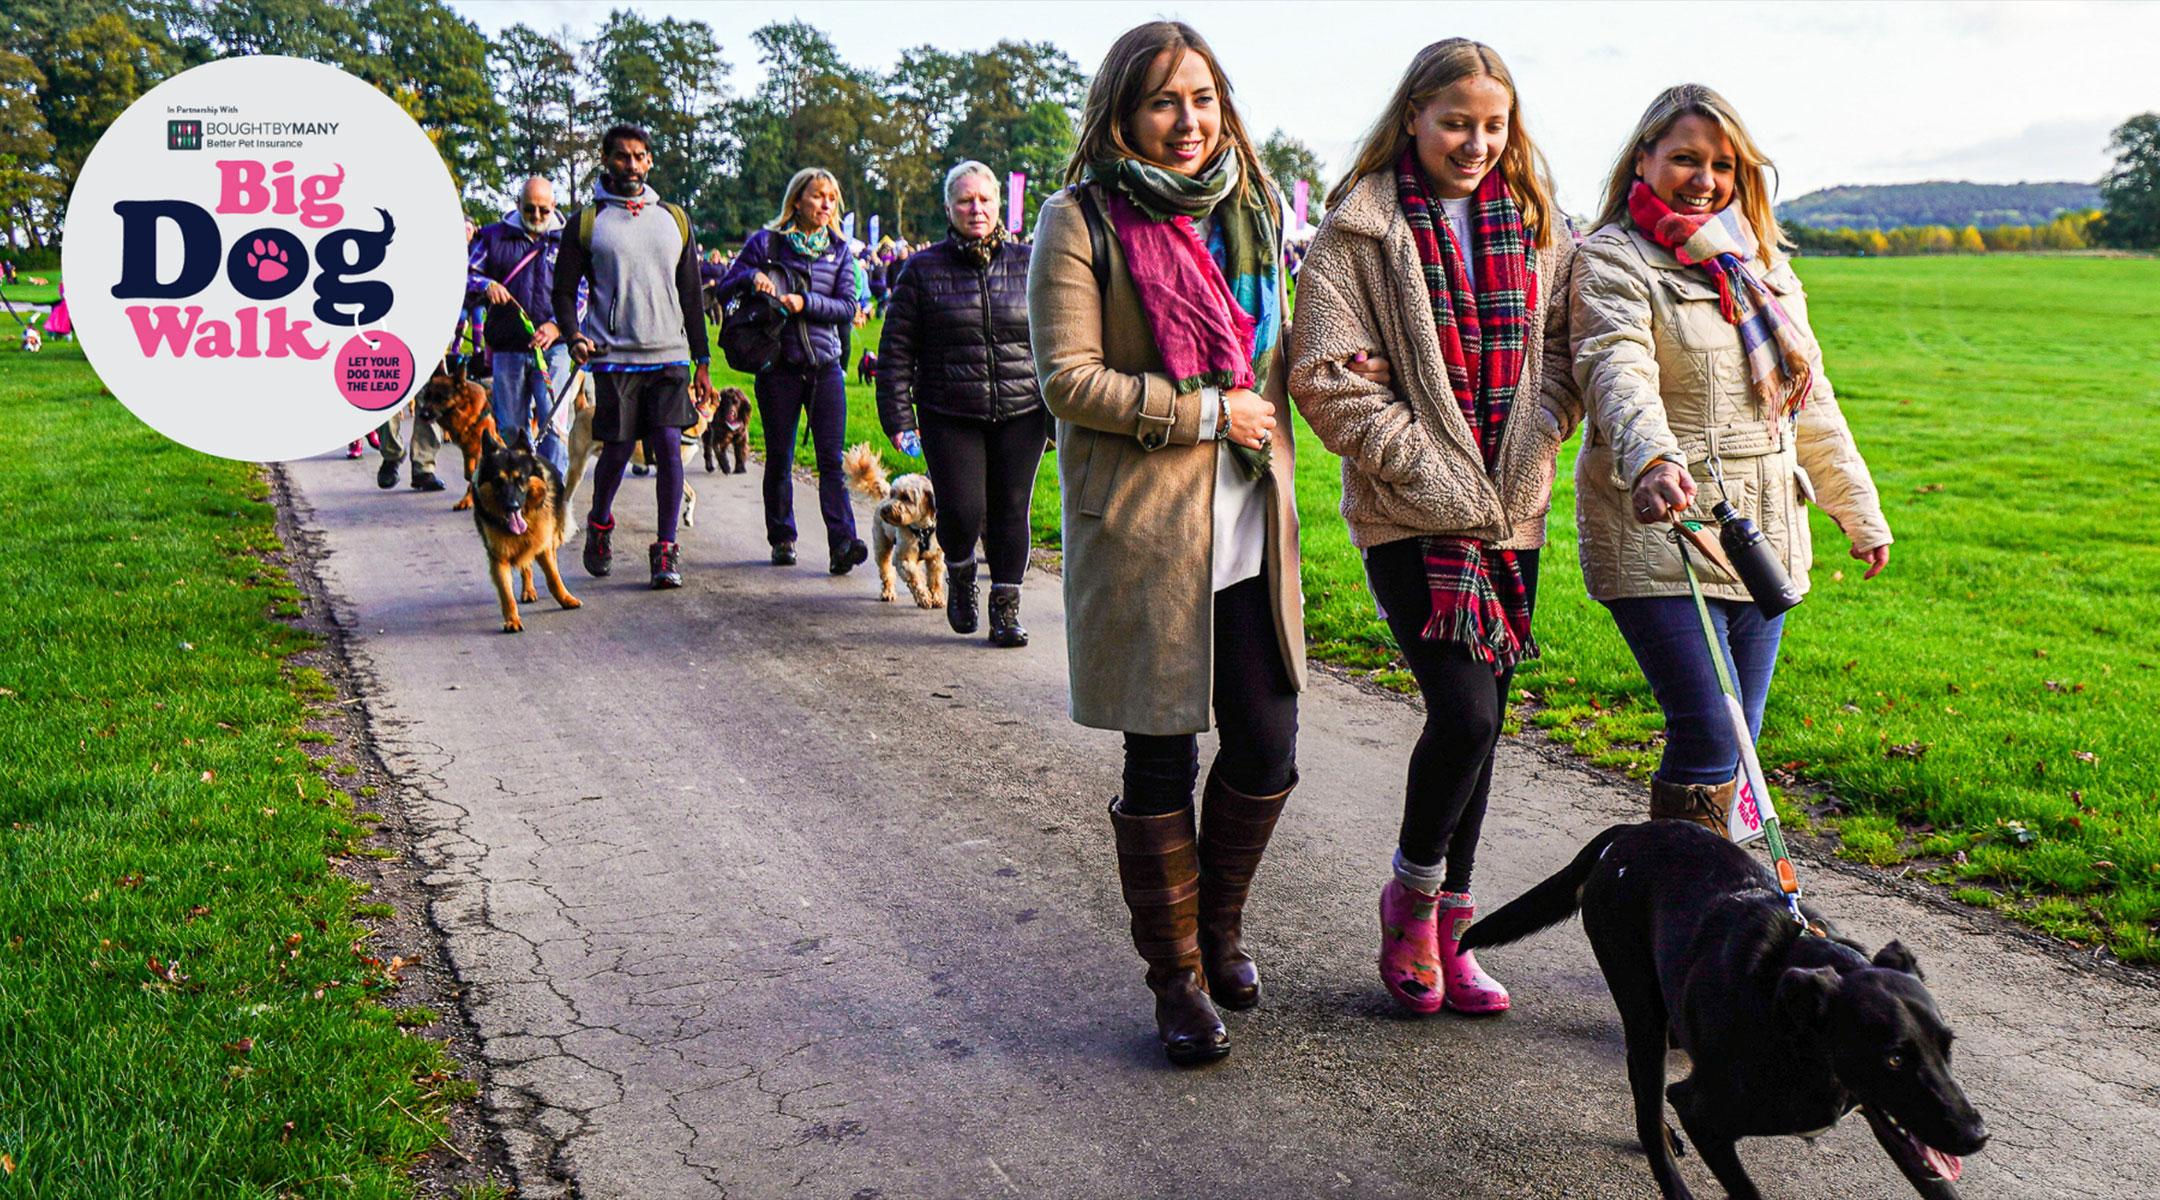 Big Dog Walk Glasgow